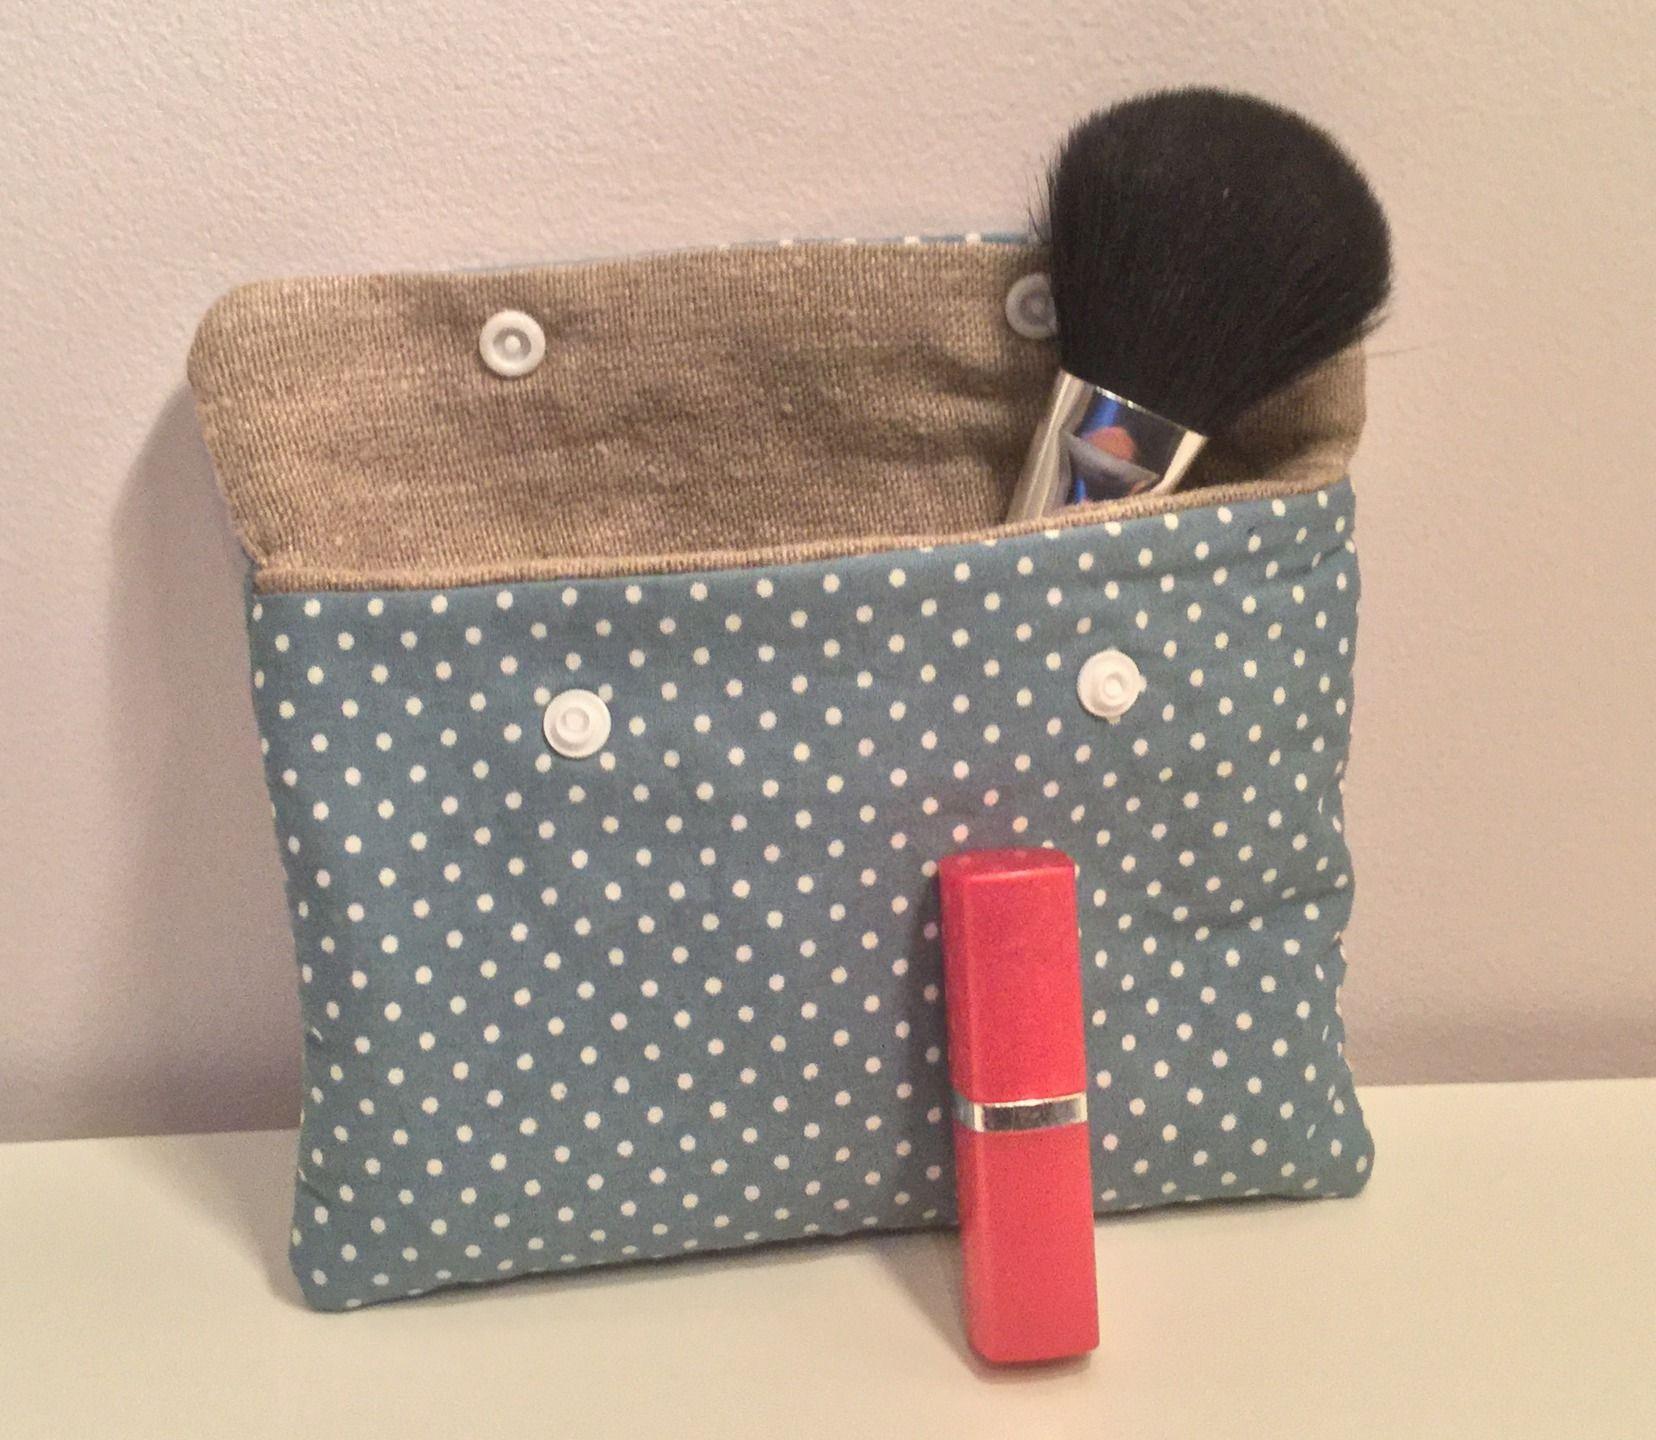 Pochette ou petite trousse en coton doublé de lin pour le maquillage ou les papiers